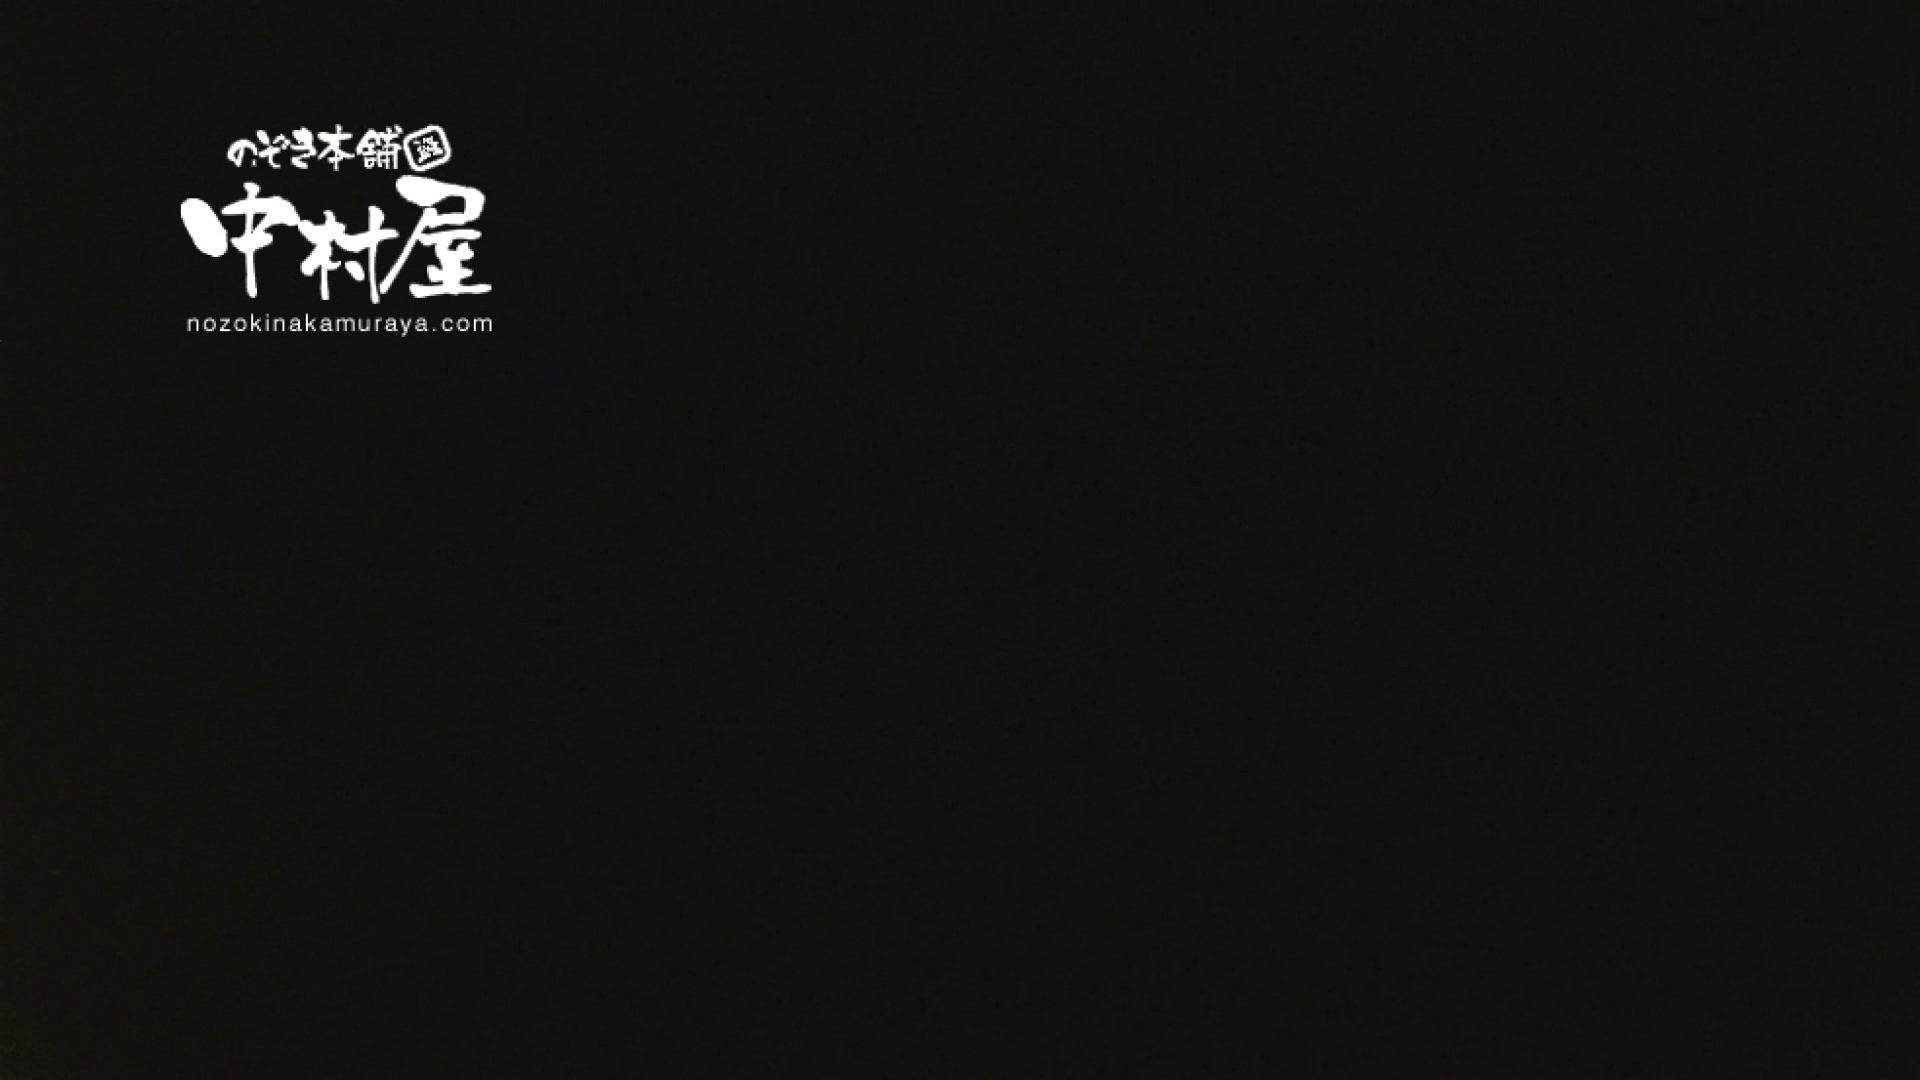 鬼畜 vol.19 ワカ目ちゃんに中出し刑 後編 鬼畜 | 中出し  112PIX 103